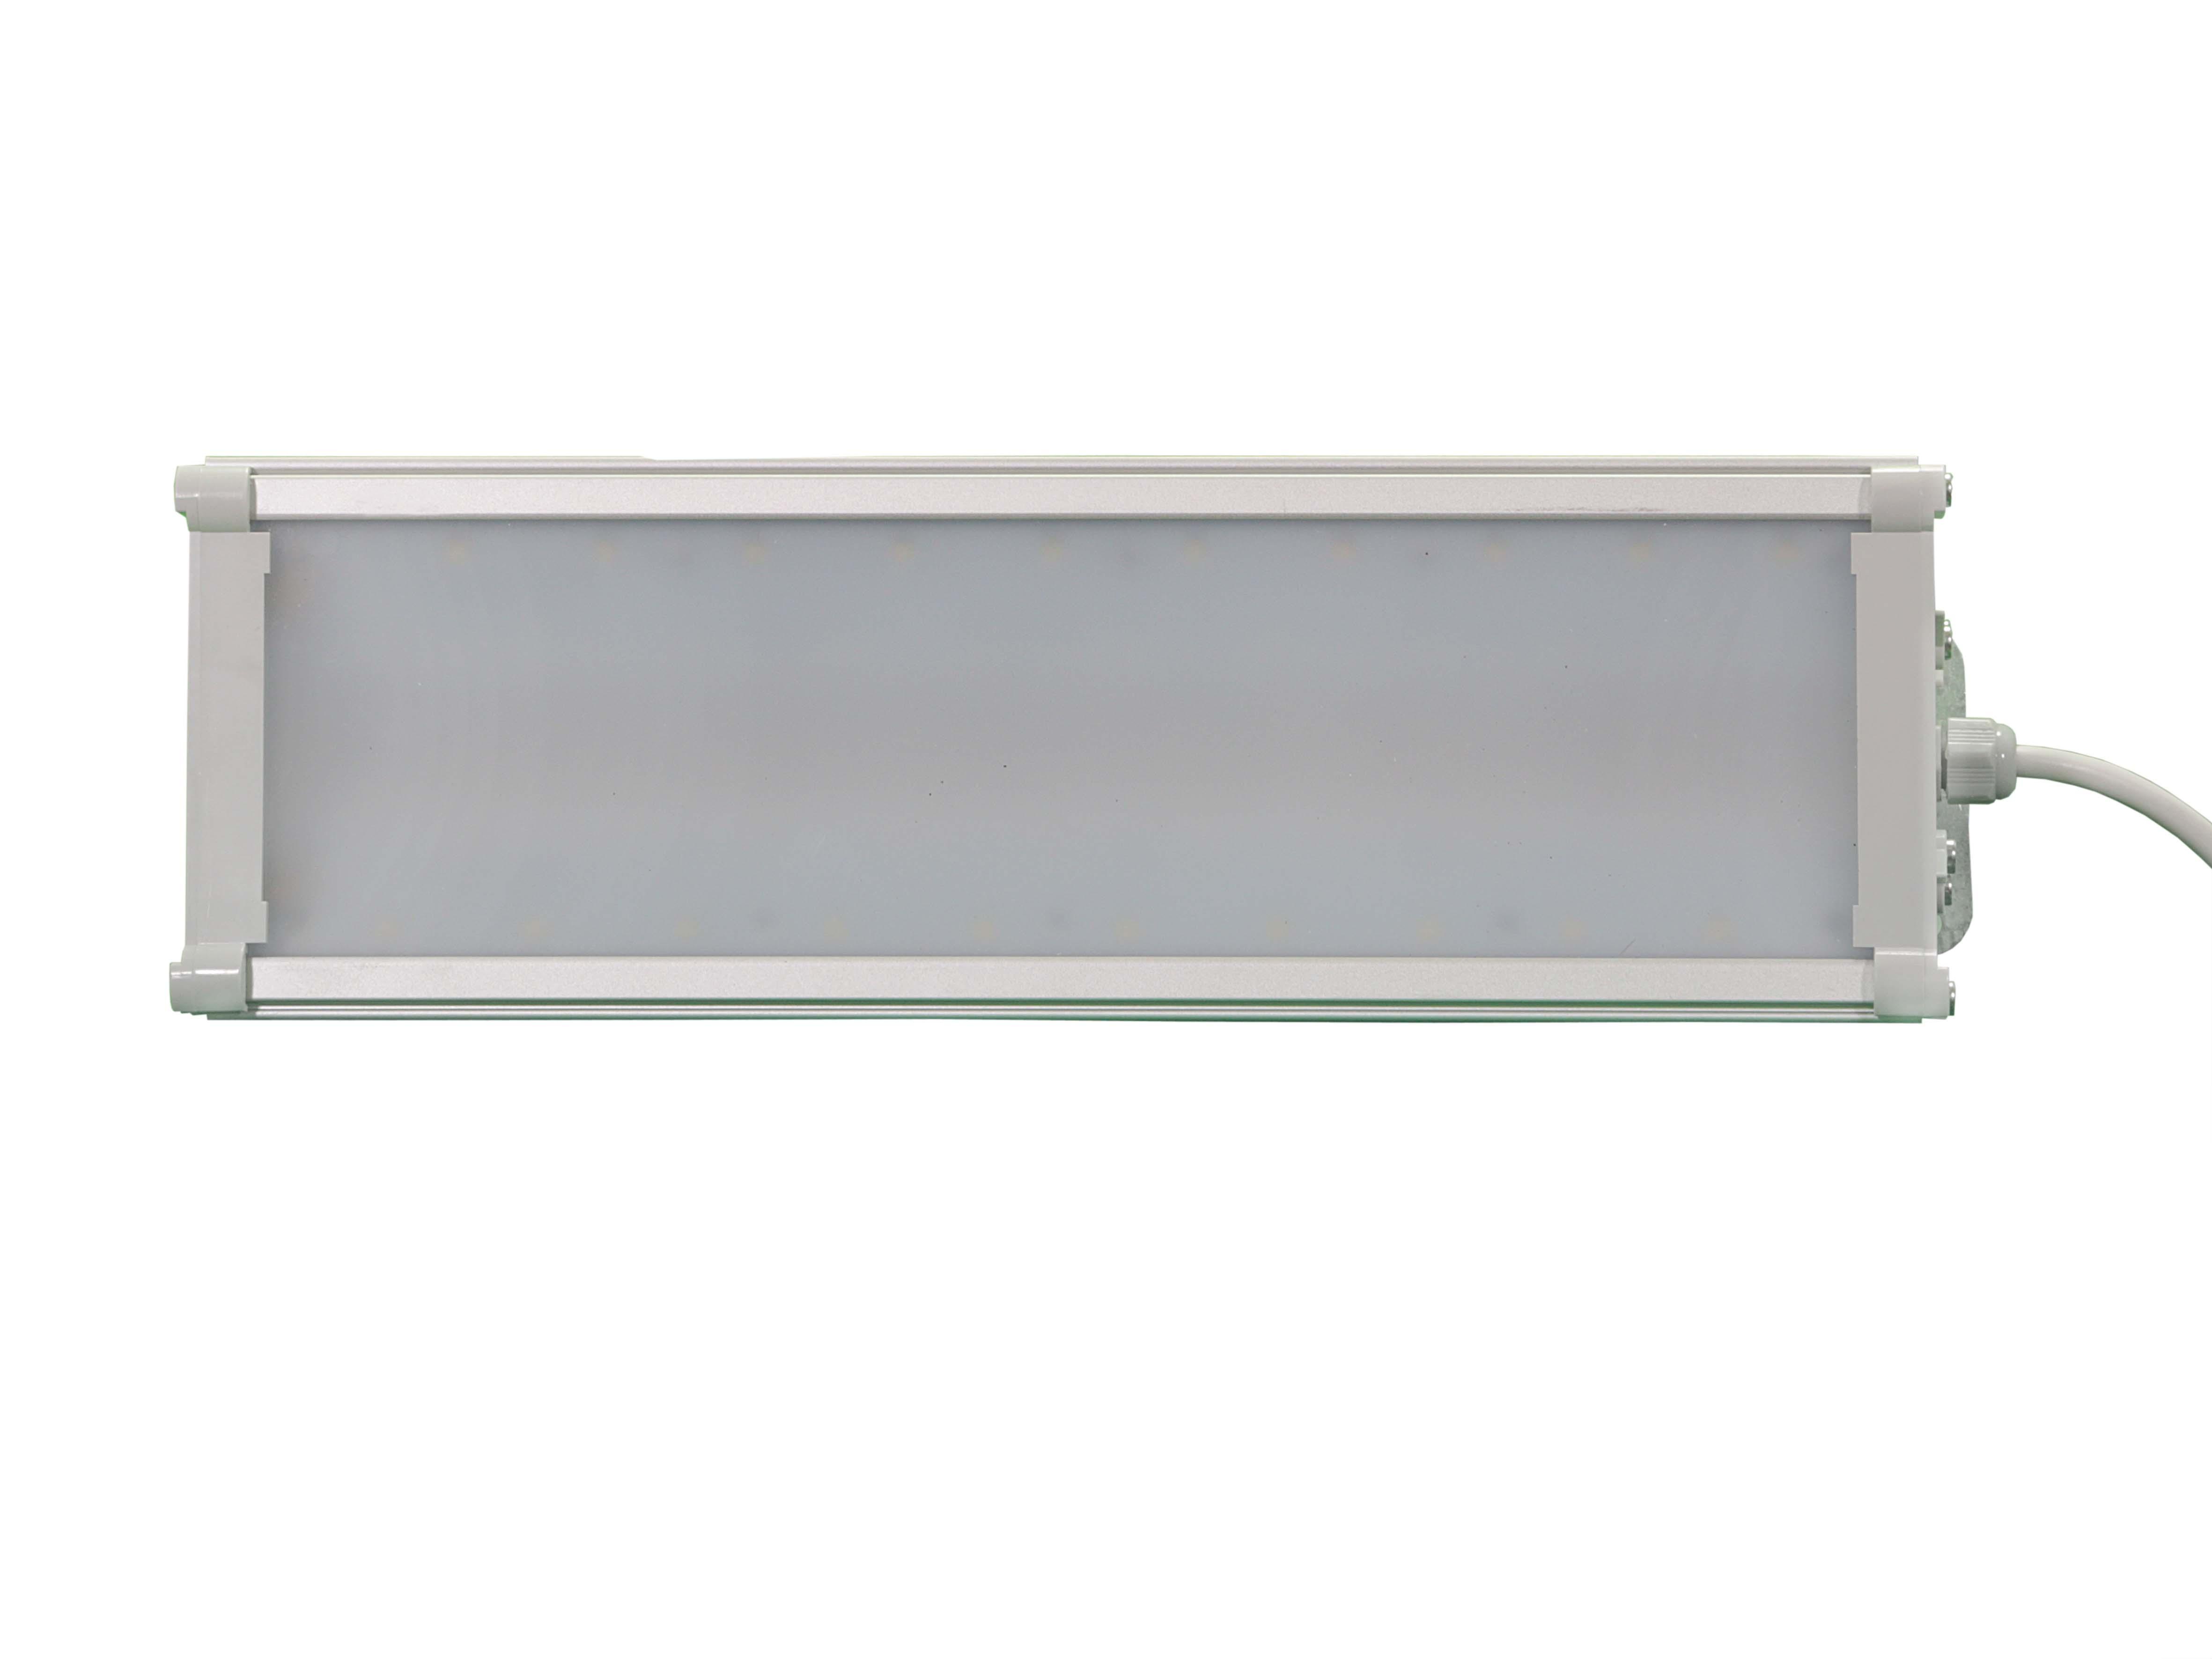 Офисный светодиодный светильник Айсберг-Тендер-35 35Вт 3987Лм